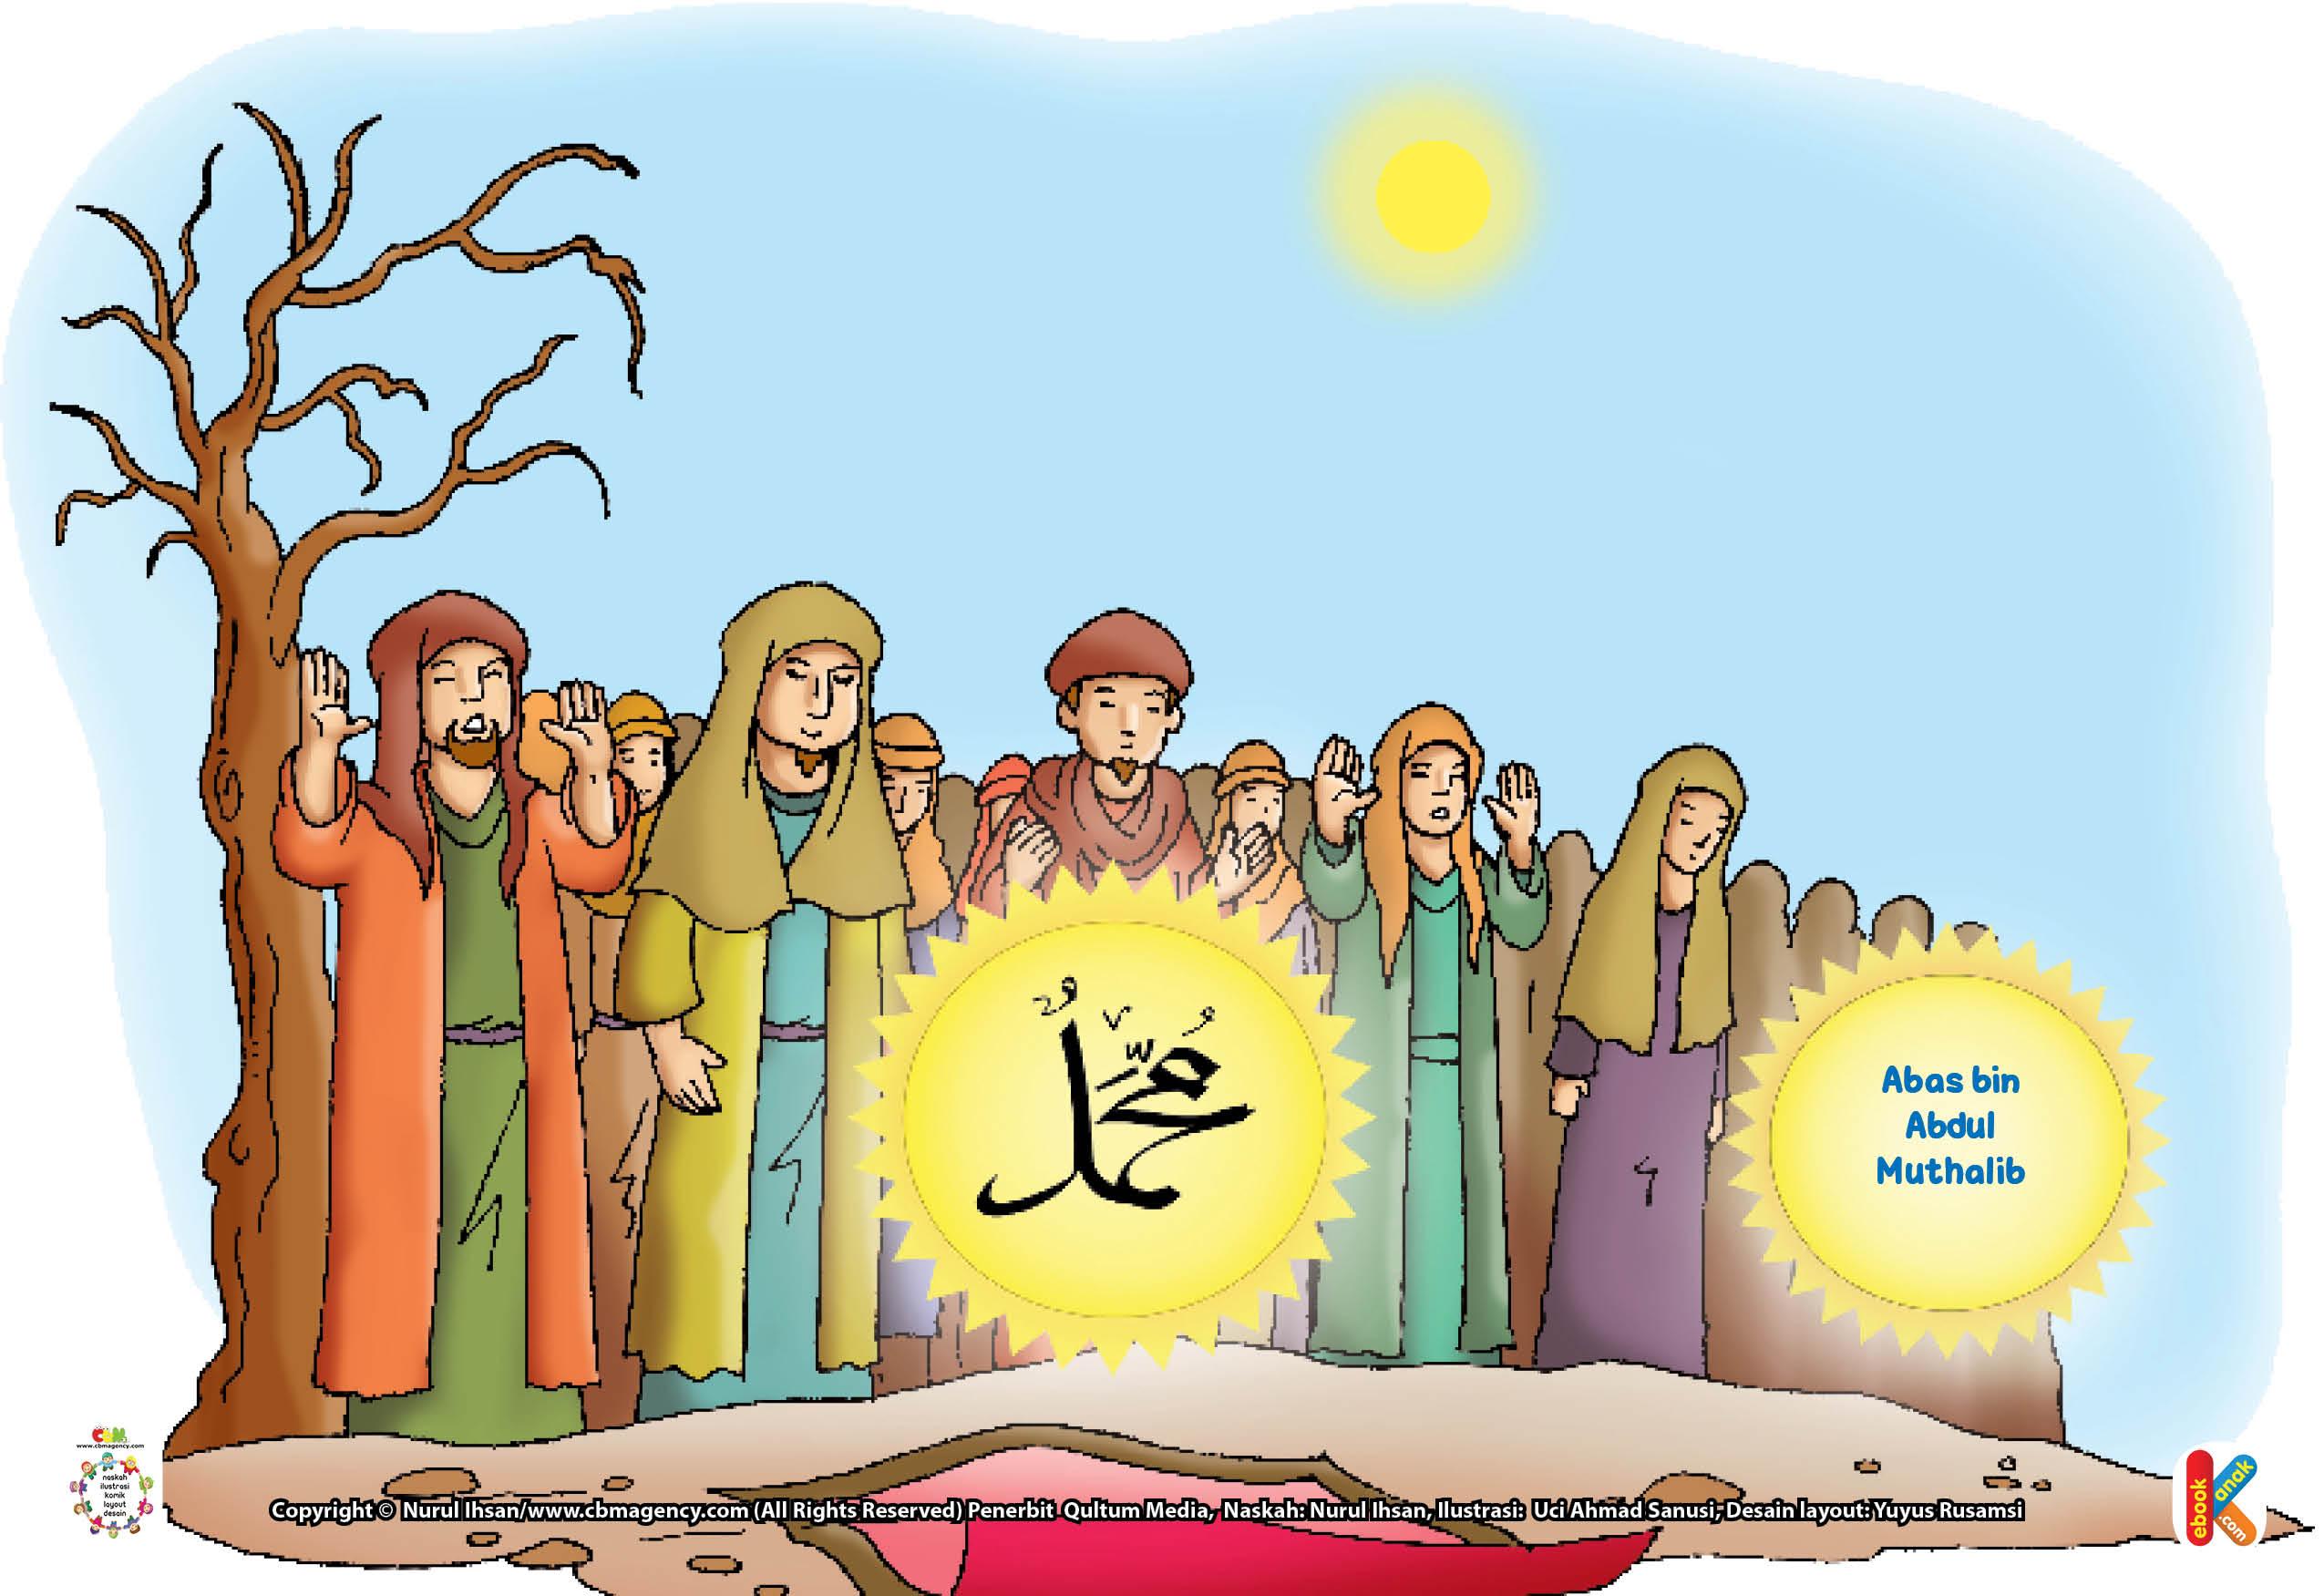 Dari Keturunan Abbas bin Abdul Muthalib di kemudian hari, berdiri Bani Abbasiyah yang pernah berkuasa lama di Baghdad, Irak.